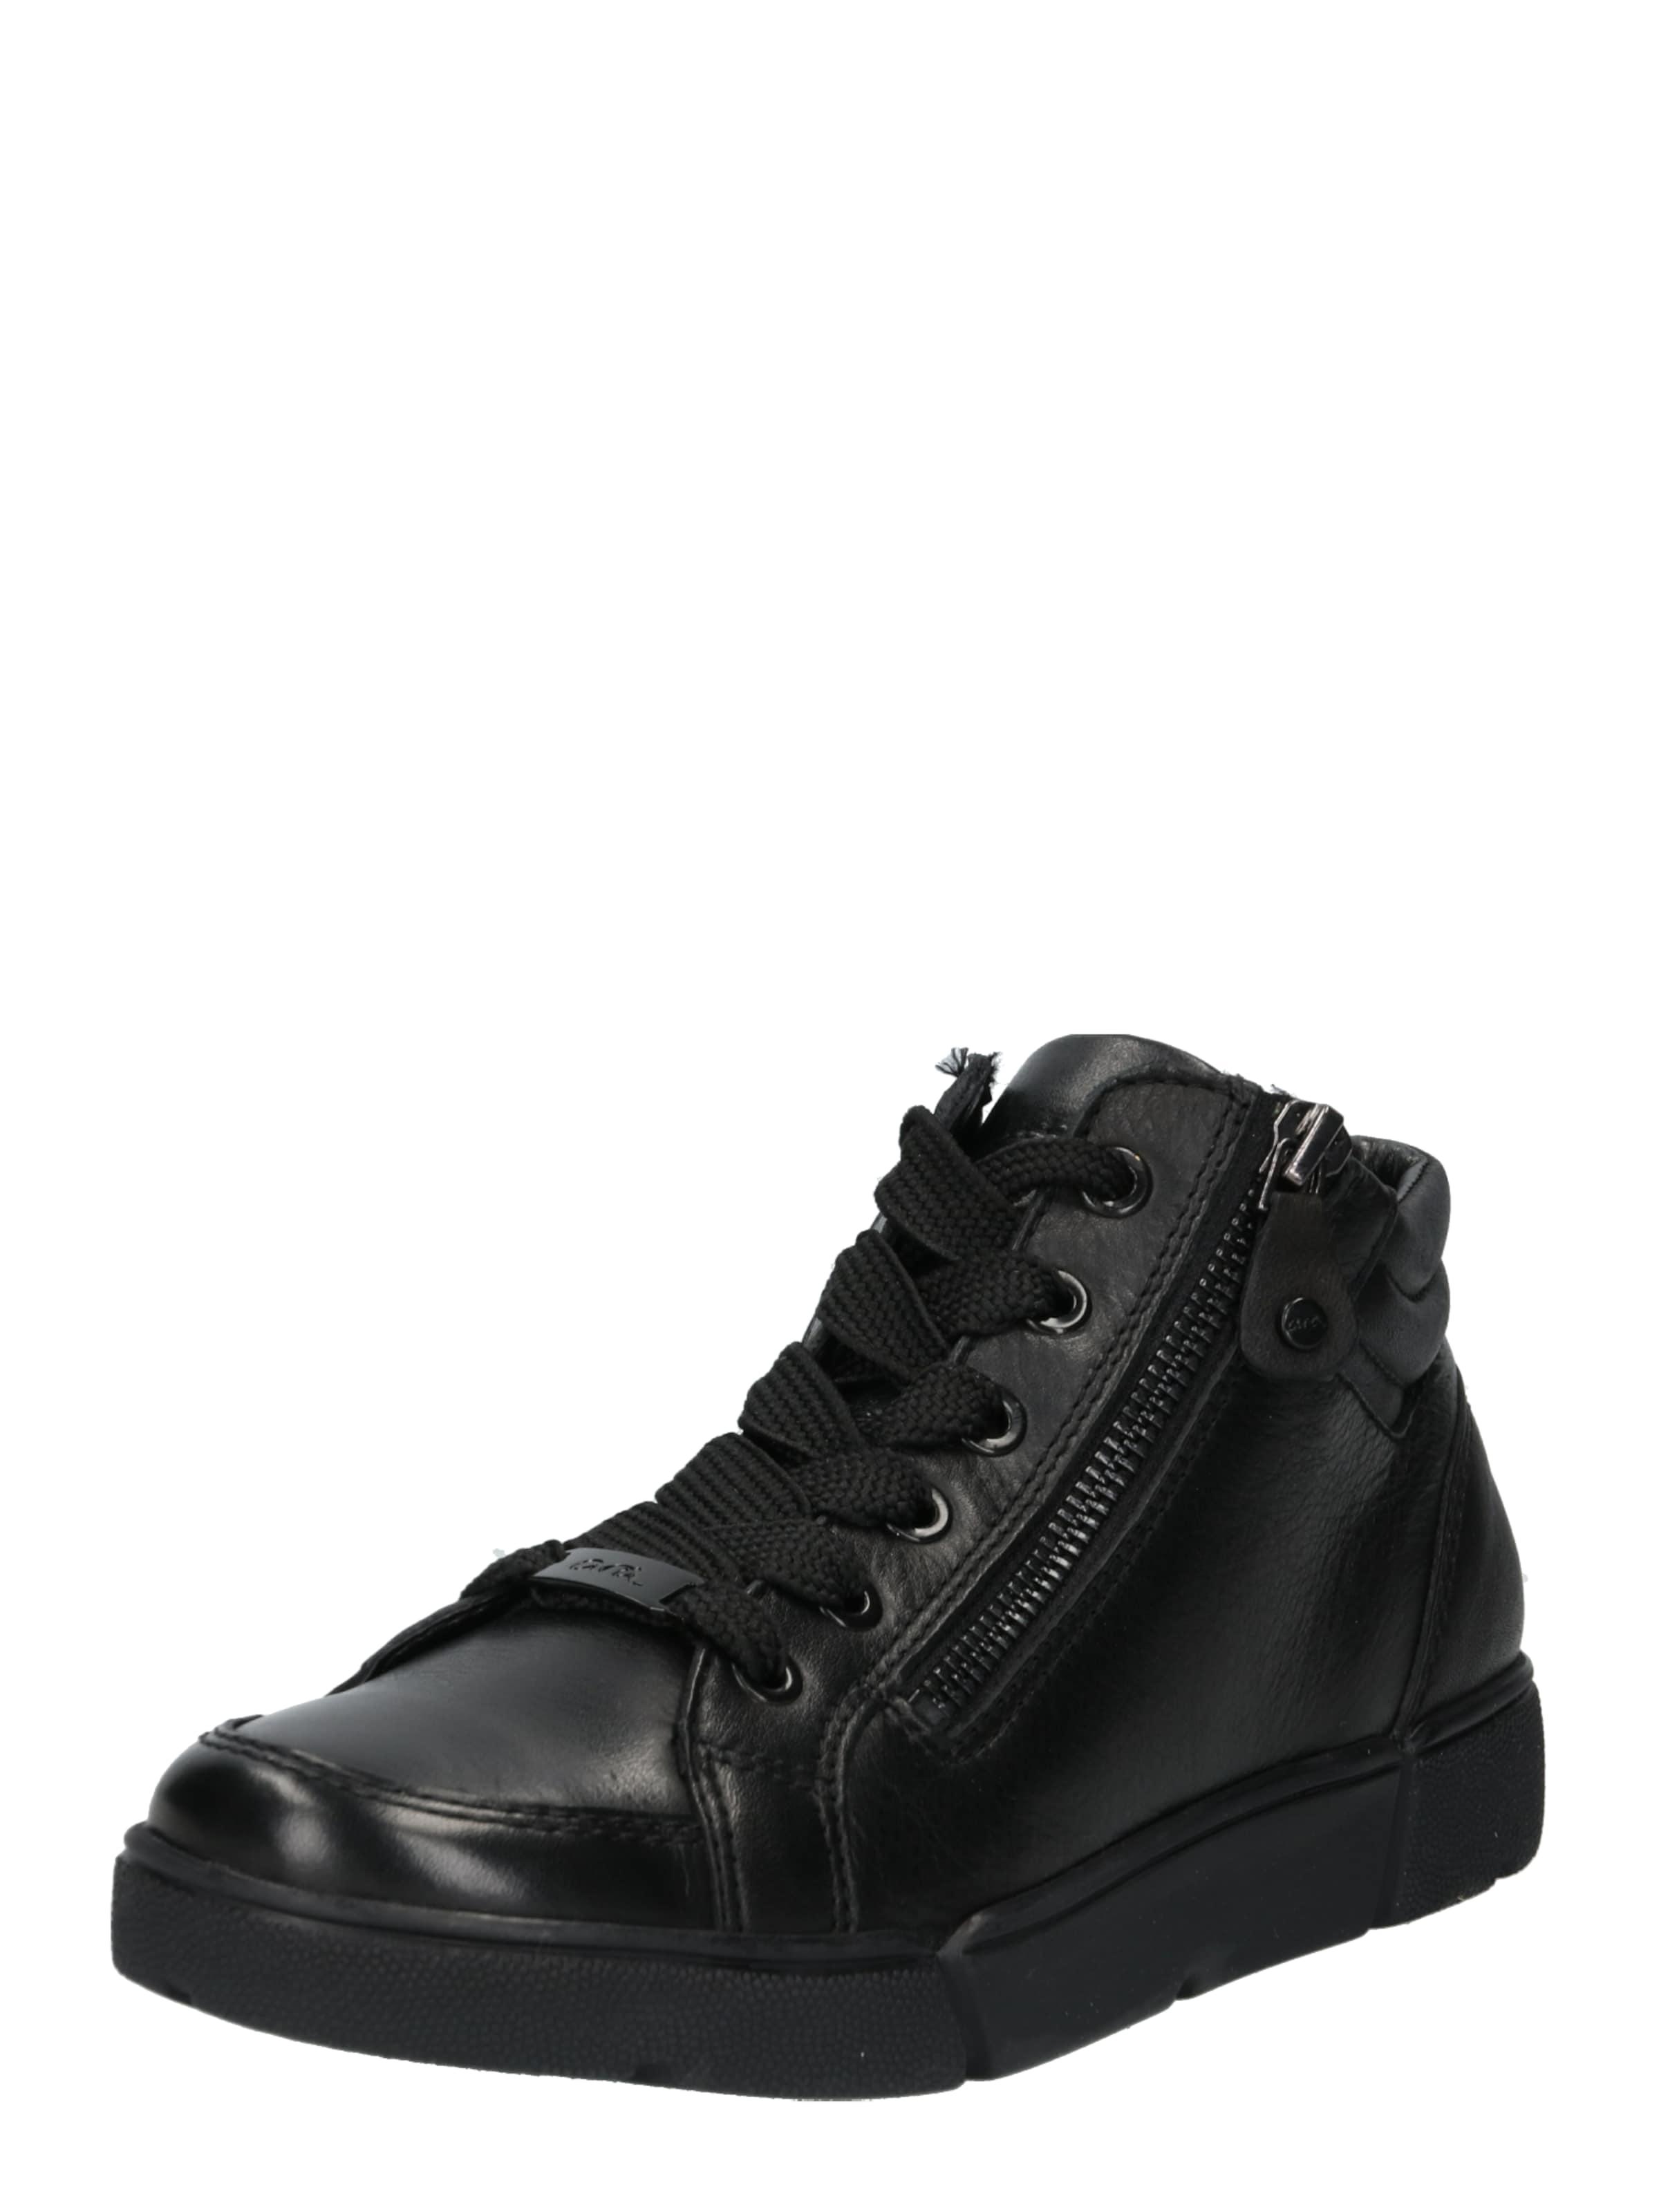 ARA Magas szárú edzőcipők fekete színben